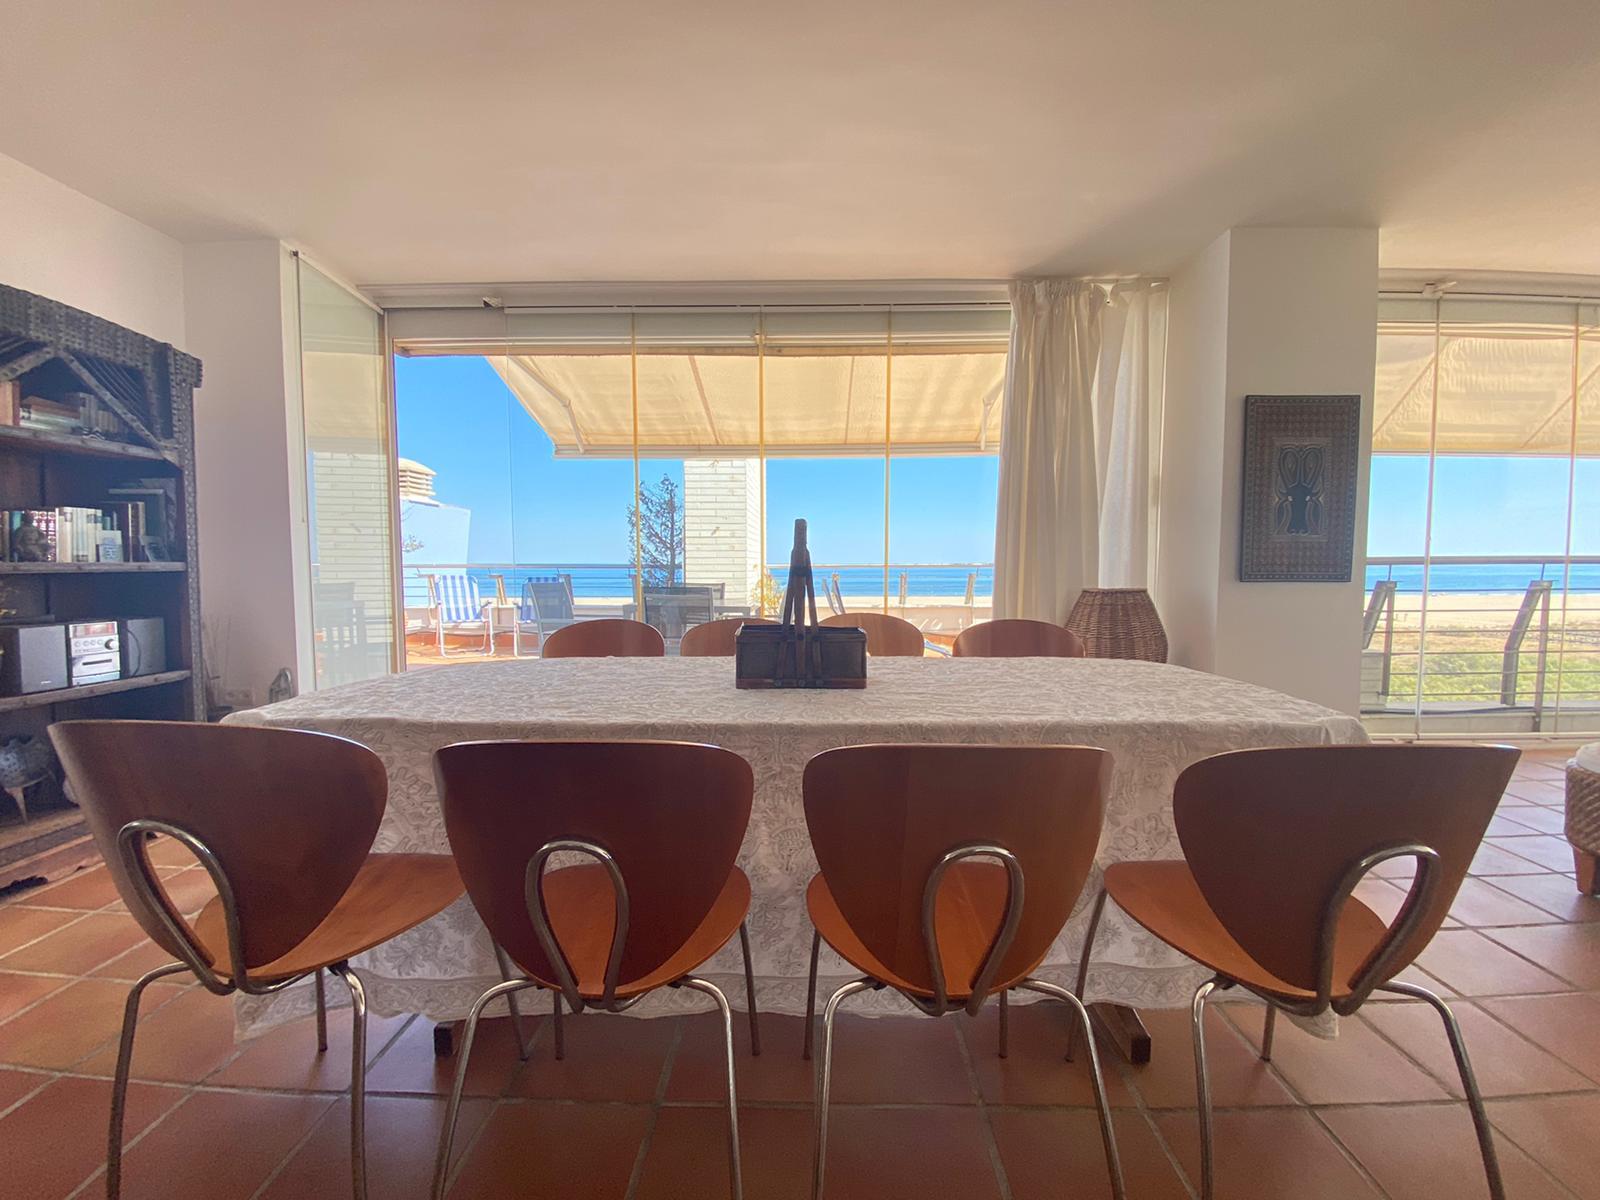 Imagen 9 del Apartamento Turístico, Ático 3 Levante, Frontal (4d+2b), Punta del Moral (HUELVA), Paseo de la Cruz nº22